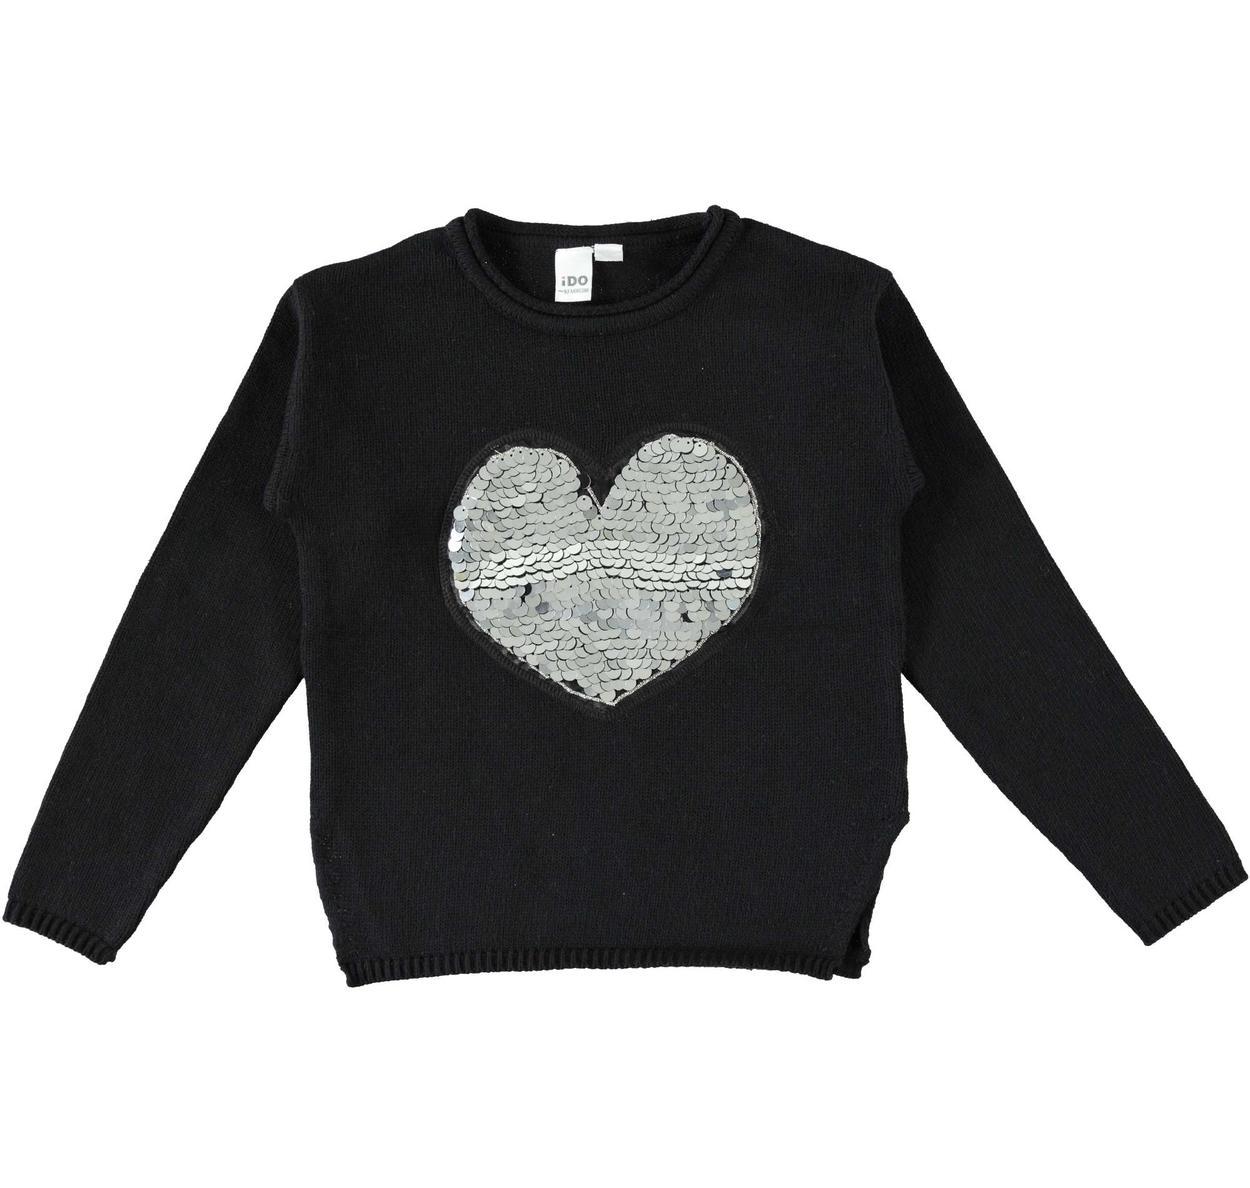 in vendita 1a80a 49f23 Maglia a manica lunga in tricot misto cotone e lana per bambina da 3 a 16  anni iDO